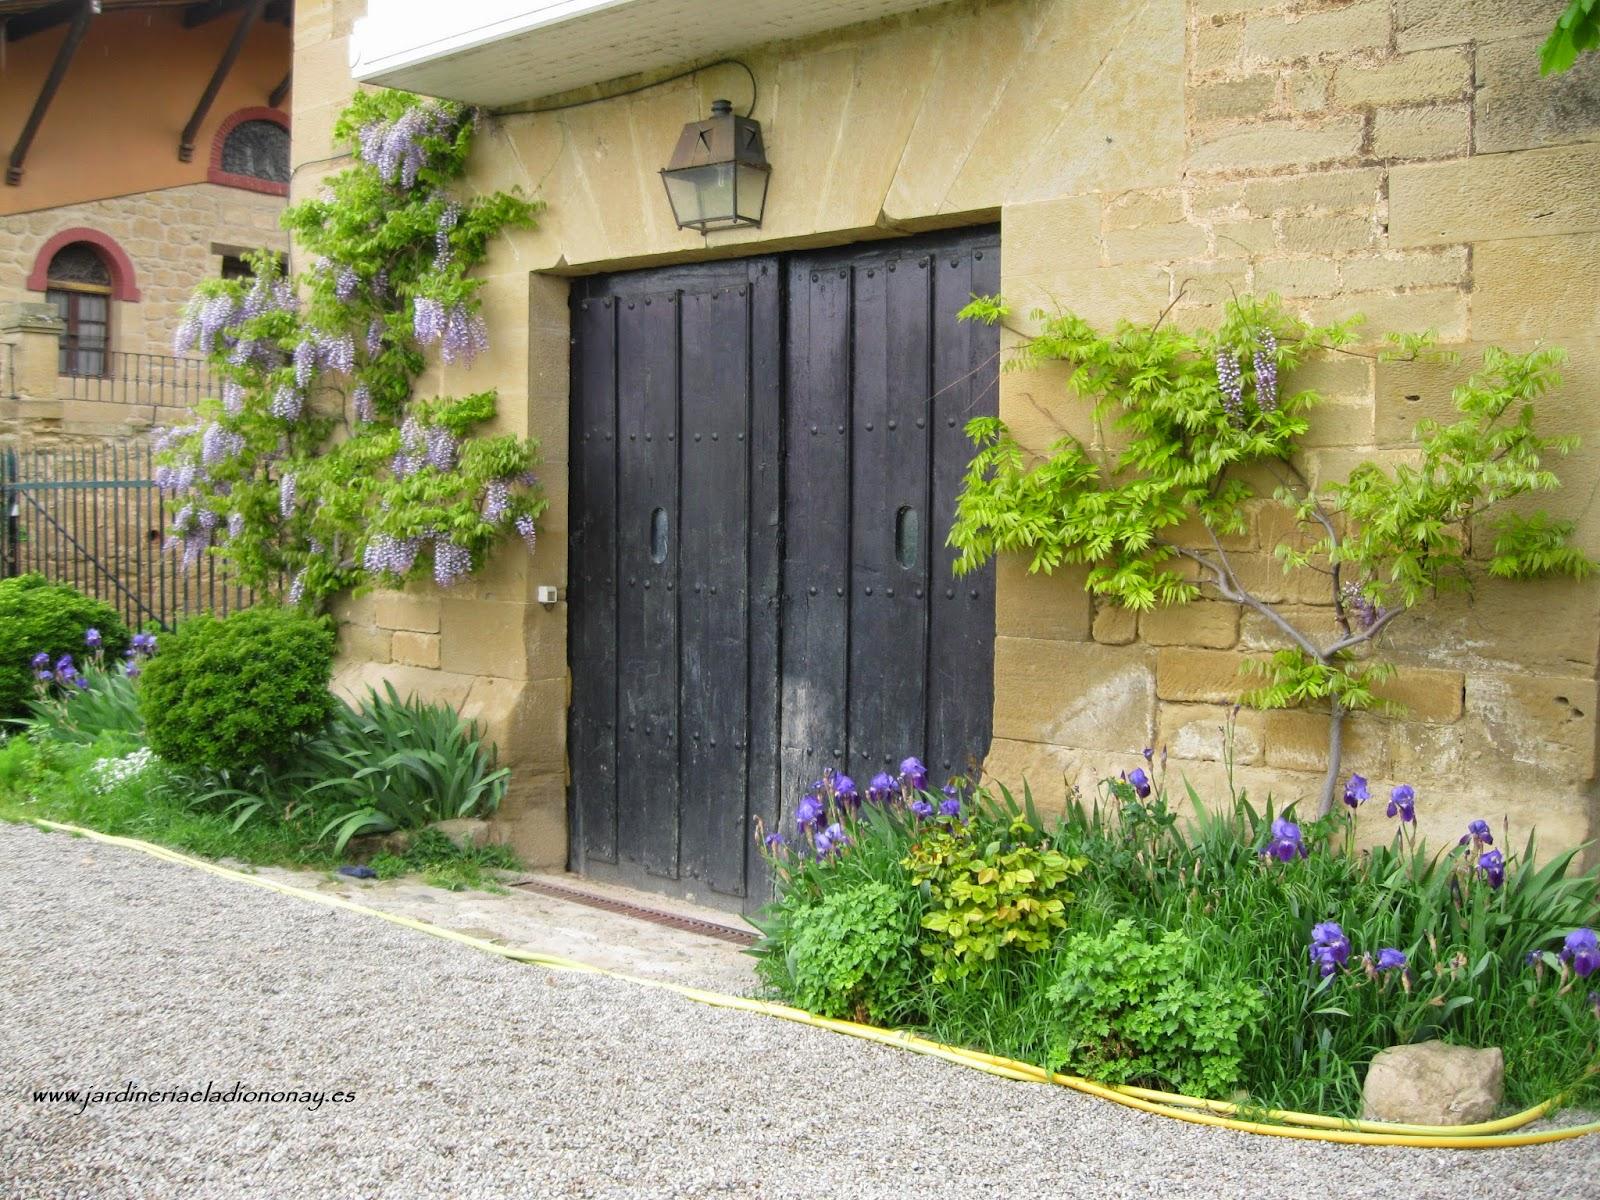 Jardineria eladio nonay casa de campo jardiner a eladio - Jardineria en casa ...